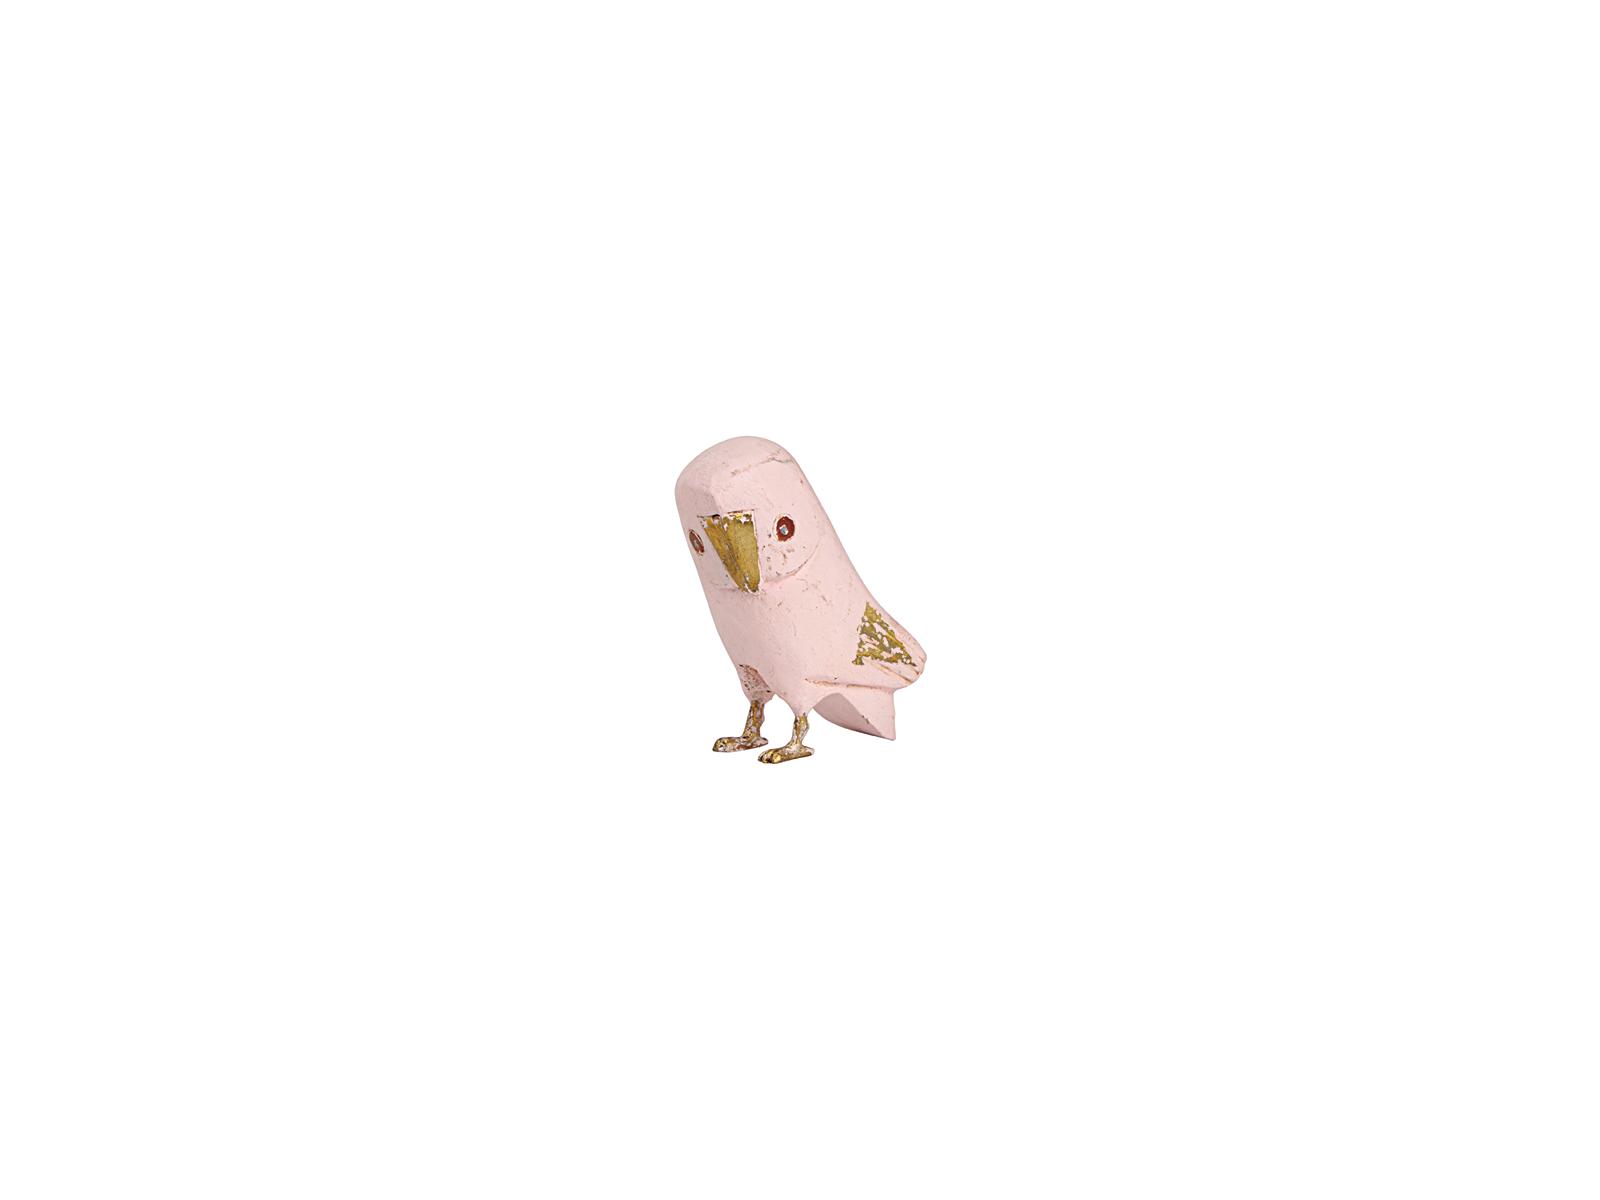 フクロウ(ピンク小)